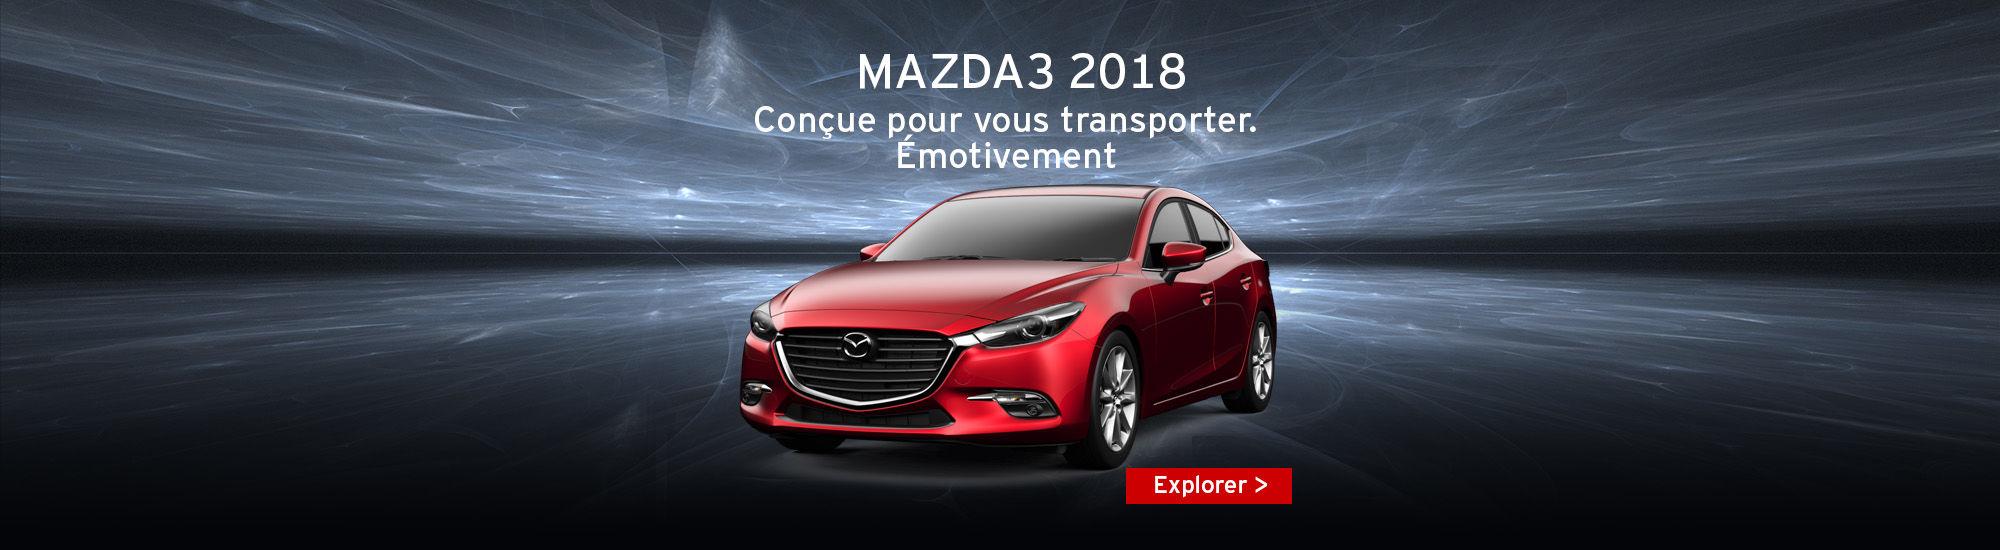 Mazda3 2018 conçue pour vous transporter. Émotivement